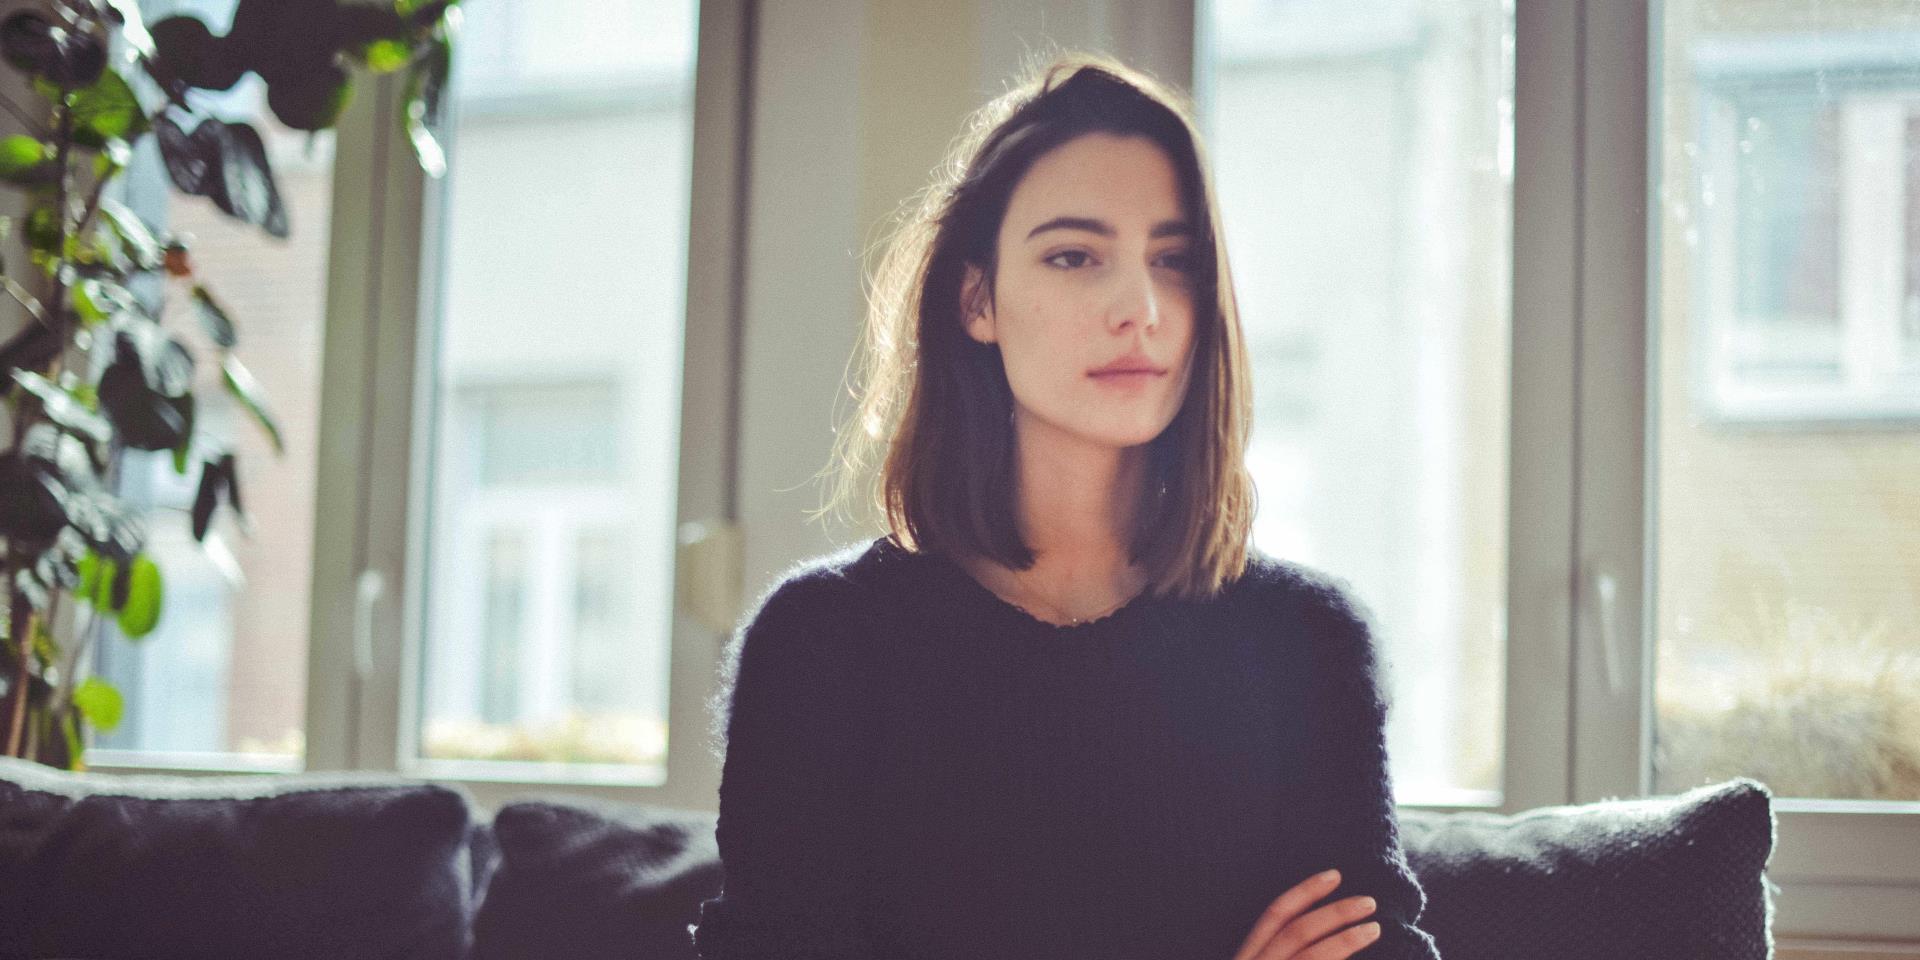 Profile: AMELIE LENS